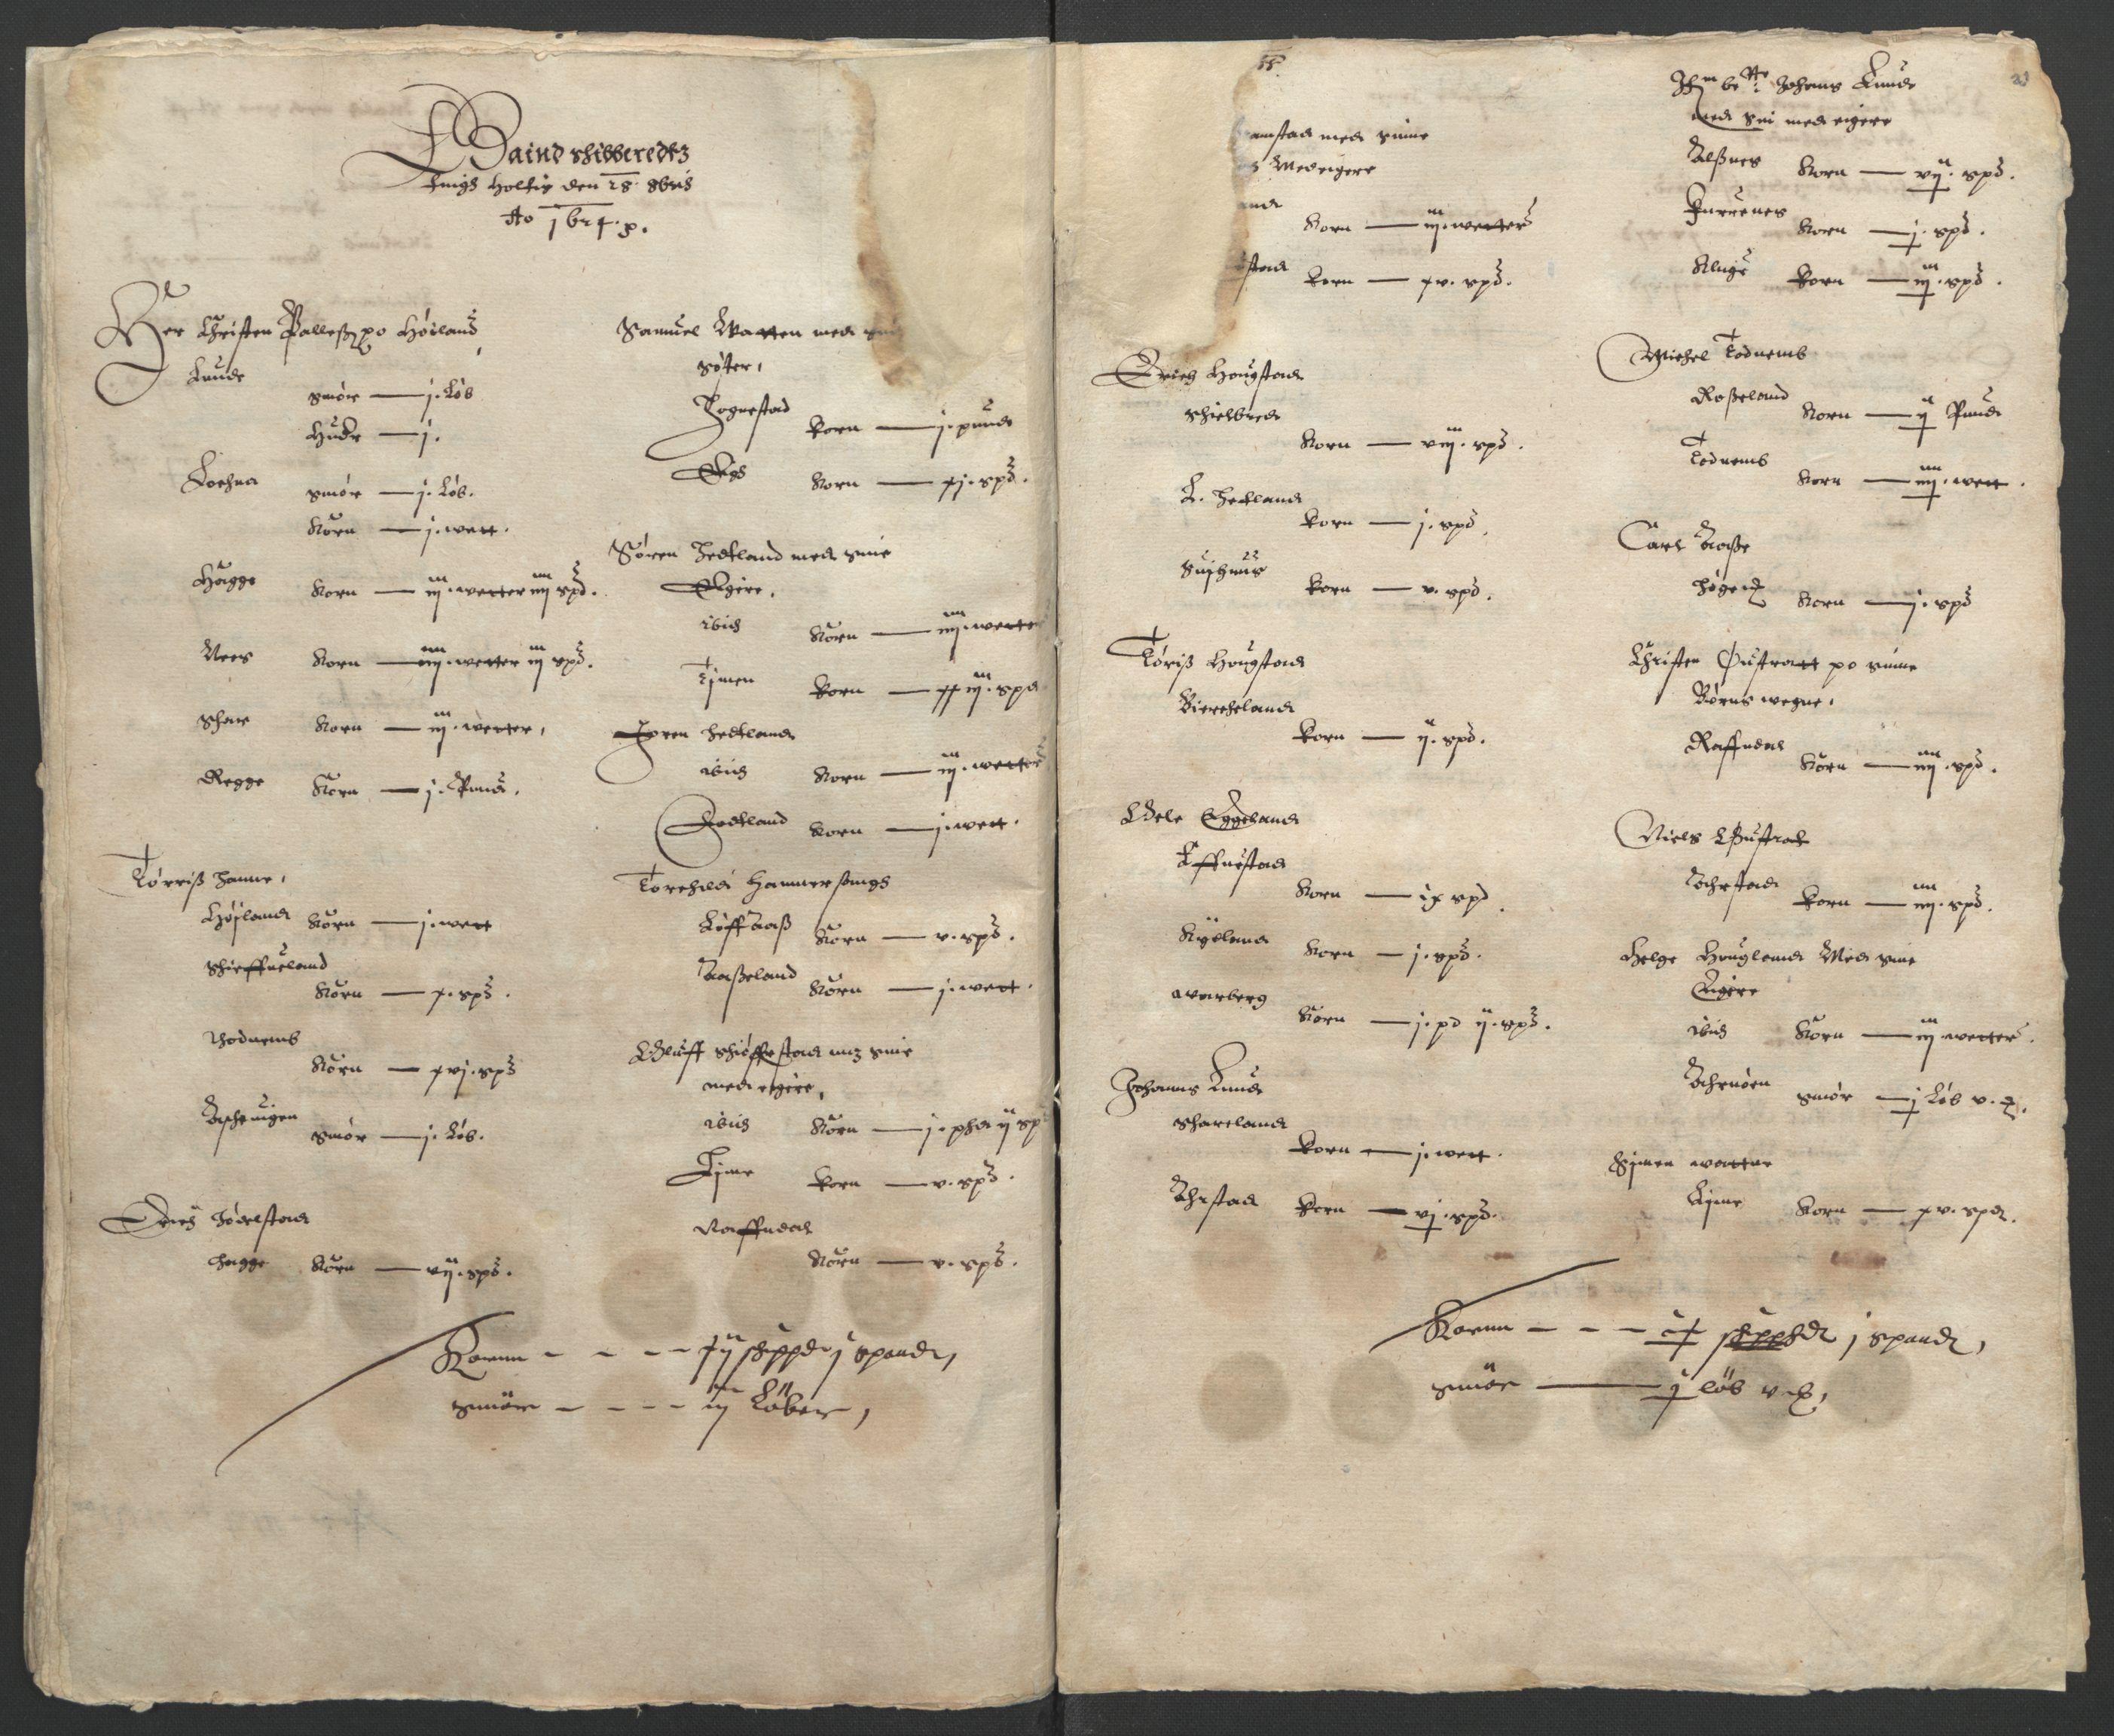 RA, Stattholderembetet 1572-1771, Ek/L0010: Jordebøker til utlikning av rosstjeneste 1624-1626:, 1624-1626, s. 55